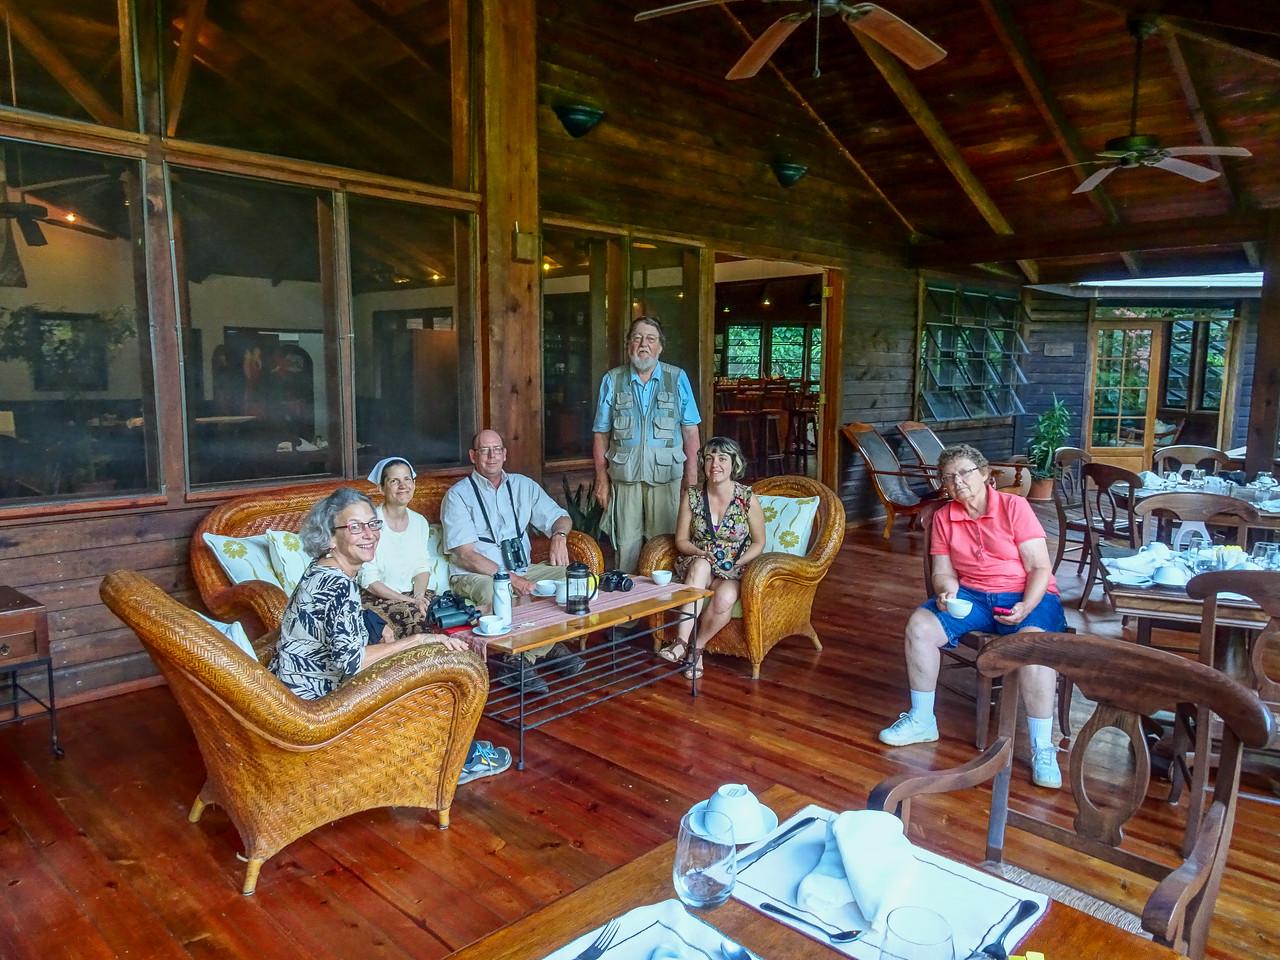 The Point and Shoot Nature Photographers, The Lodge at Pico Bonito Honduras